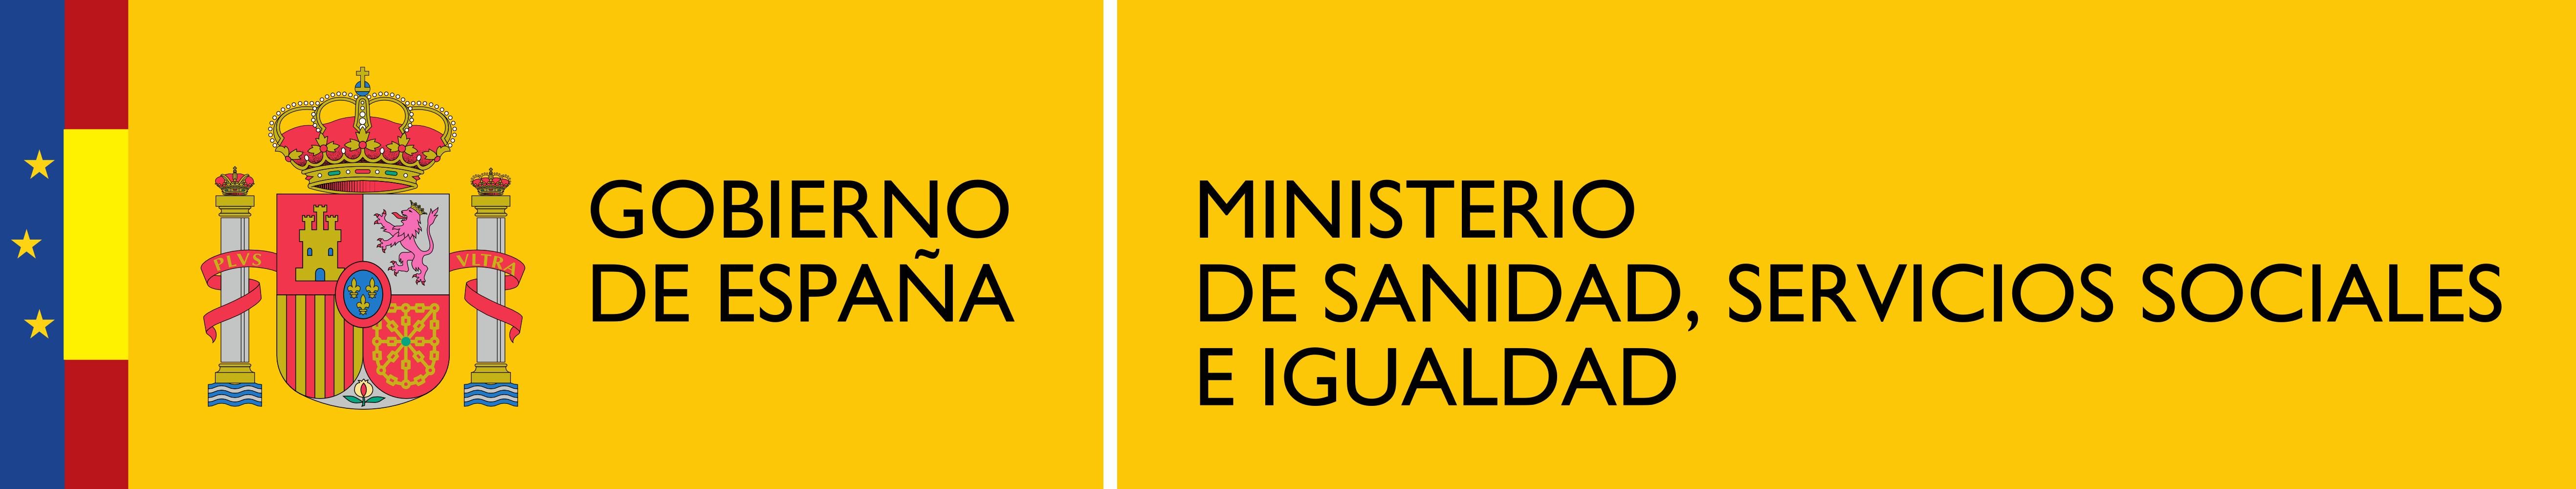 logotipo_del_ministerio_de_sanidad_servicios_sociales_e_igualdad